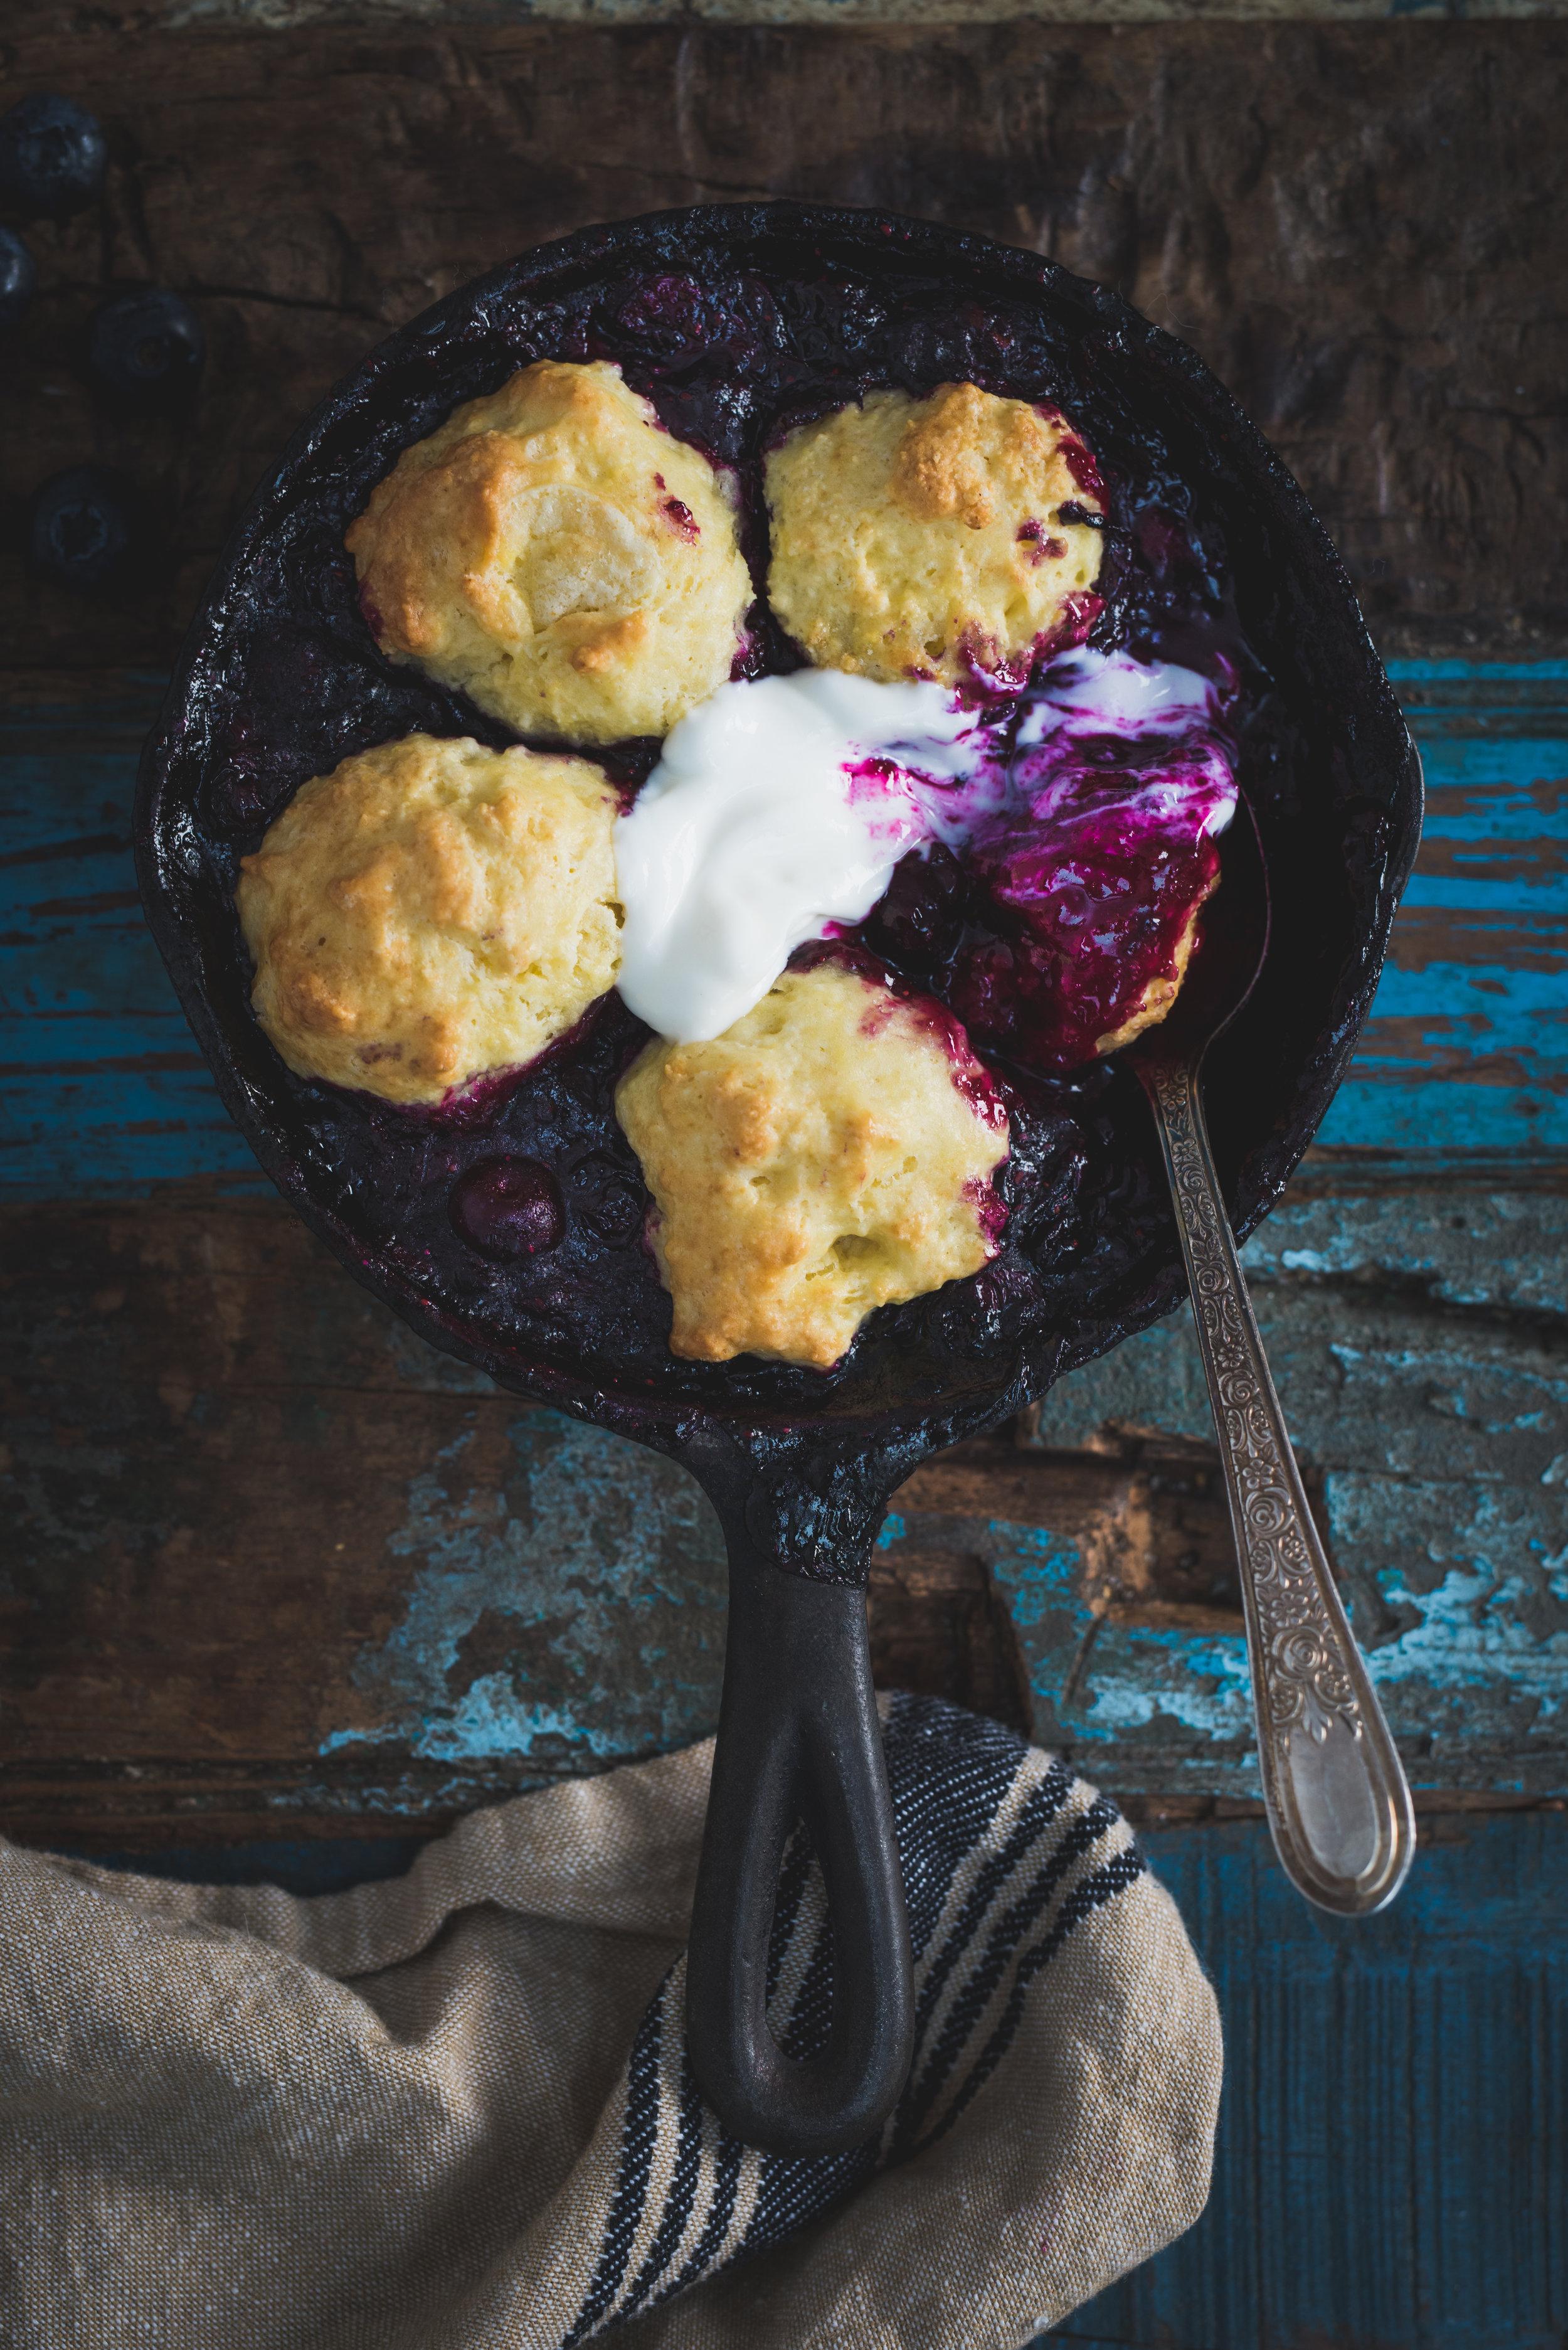 Cobbler aux bleuets Photographie tirée du livre  Ma table festive  Photographie culinaire : Catherine Côté Stylisme culinaire : Hubert Cormier